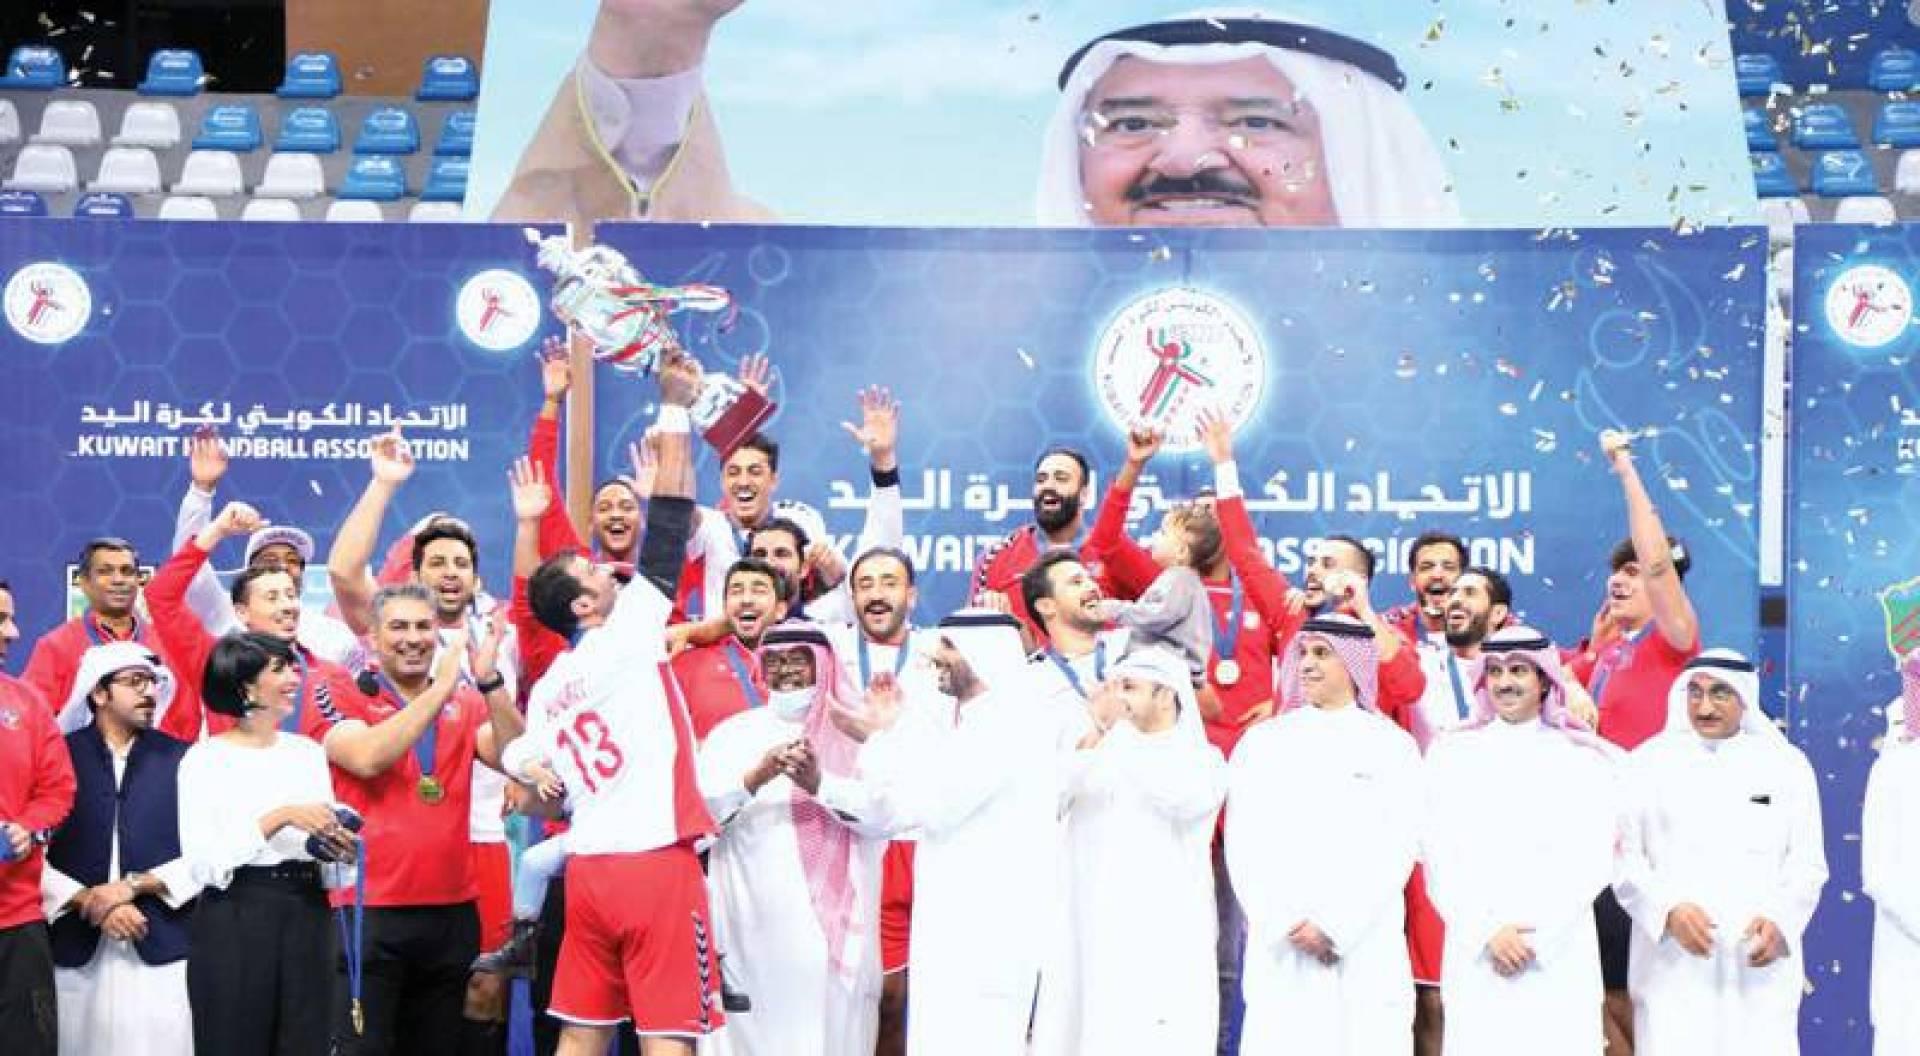 خالد الغانم وناصر صالح يسلمان الكأس لمحمد الغربللي قائد يد الأبيض